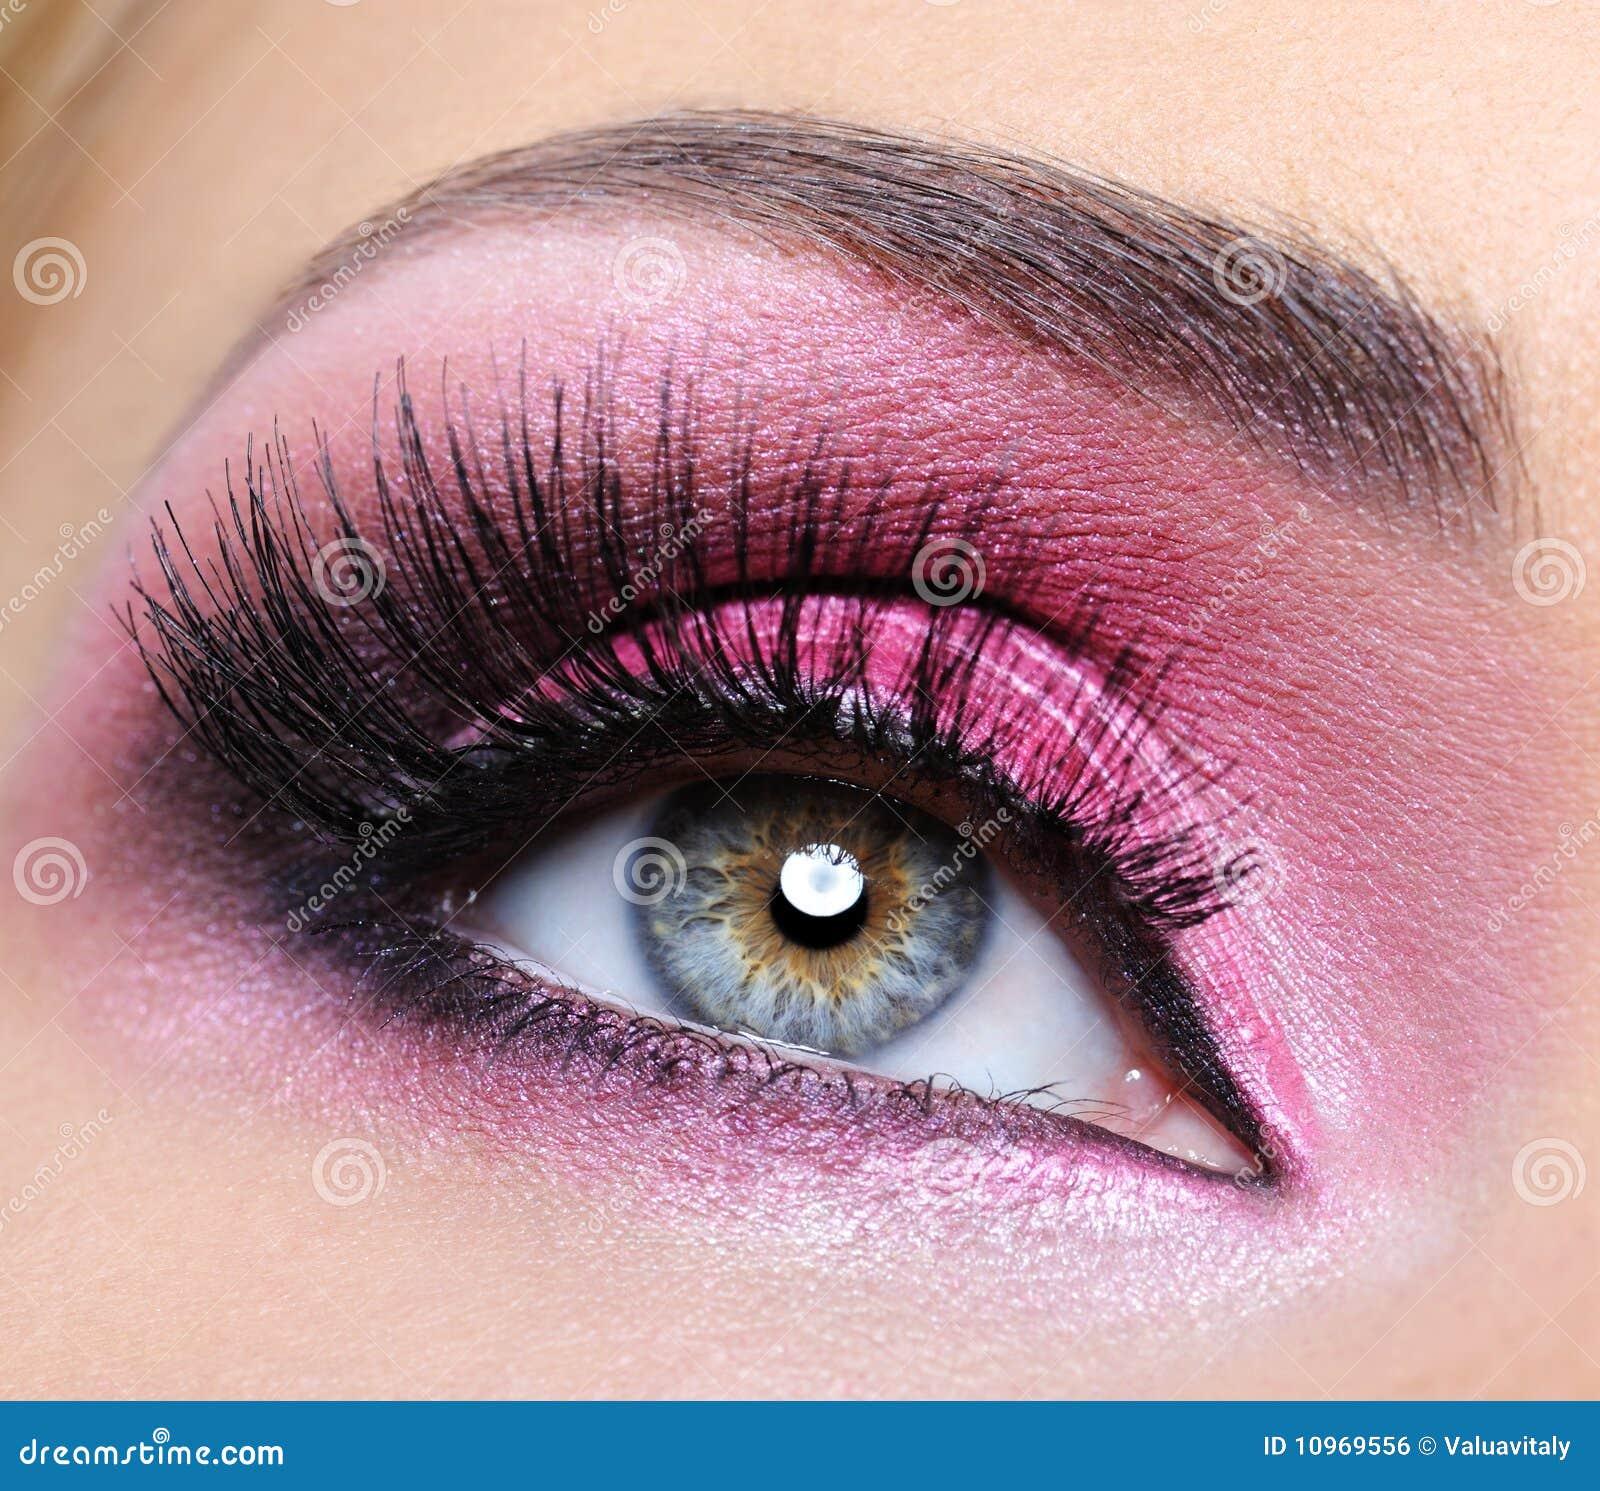 how to make ur eyelashes long